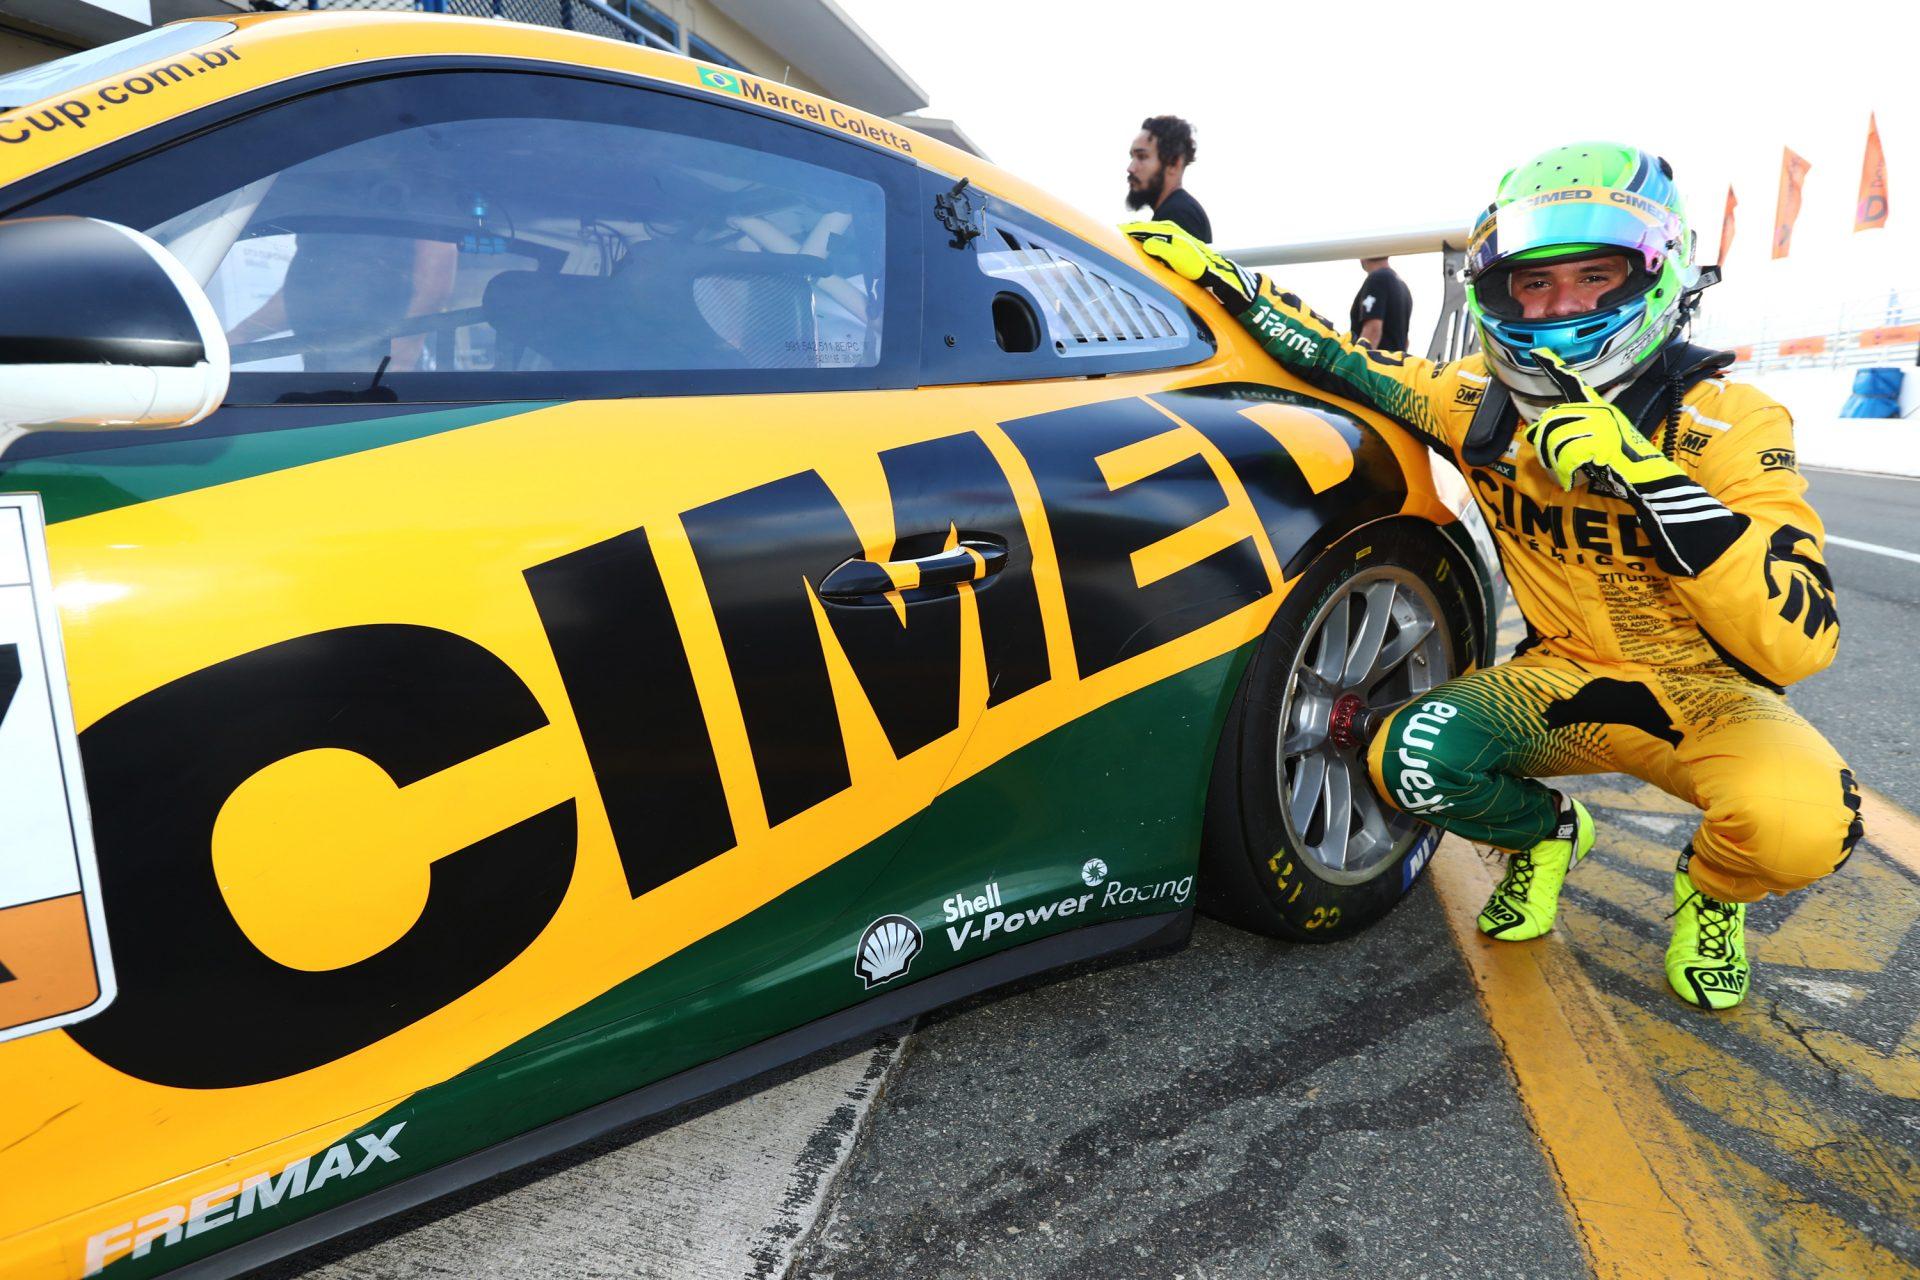 Photo of Porsche Cup – Marcel Coletta conquista pole e pódio no Porsche Cup antes de sua 2ª prova na Stock Car